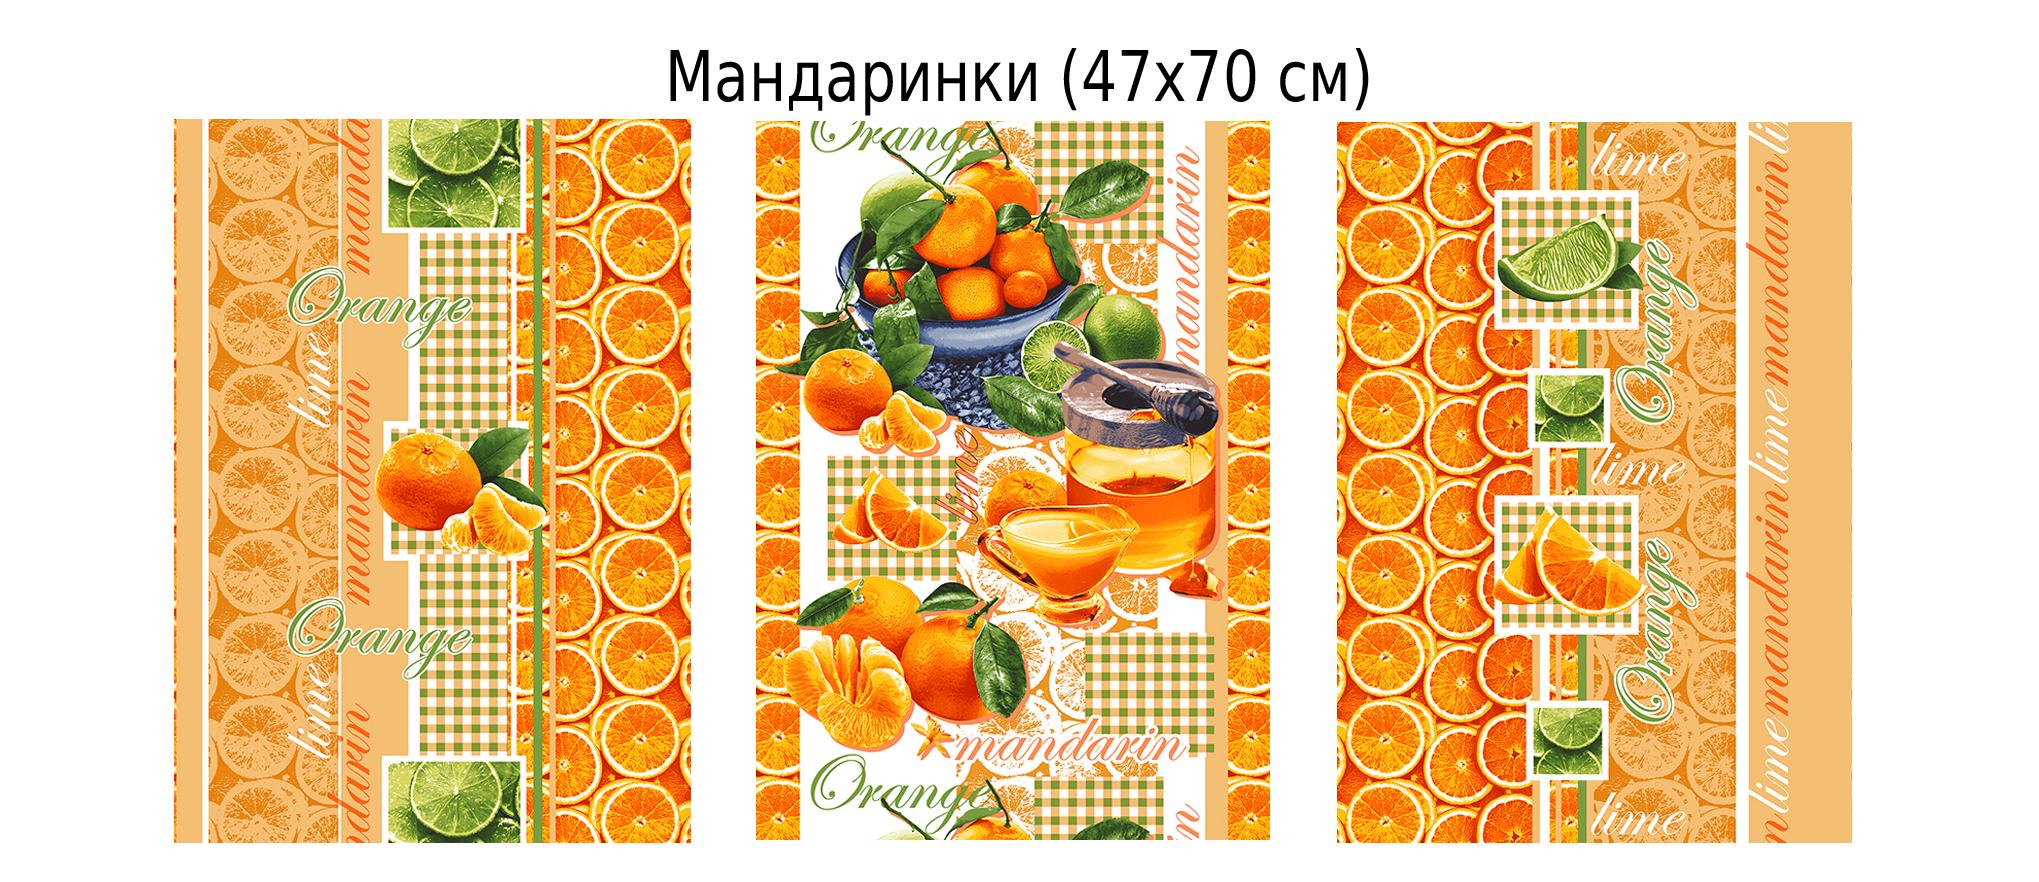 Набор вафельных полотенец Мандаринки 3 видаПолотенца<br><br><br>Размер: 47х70